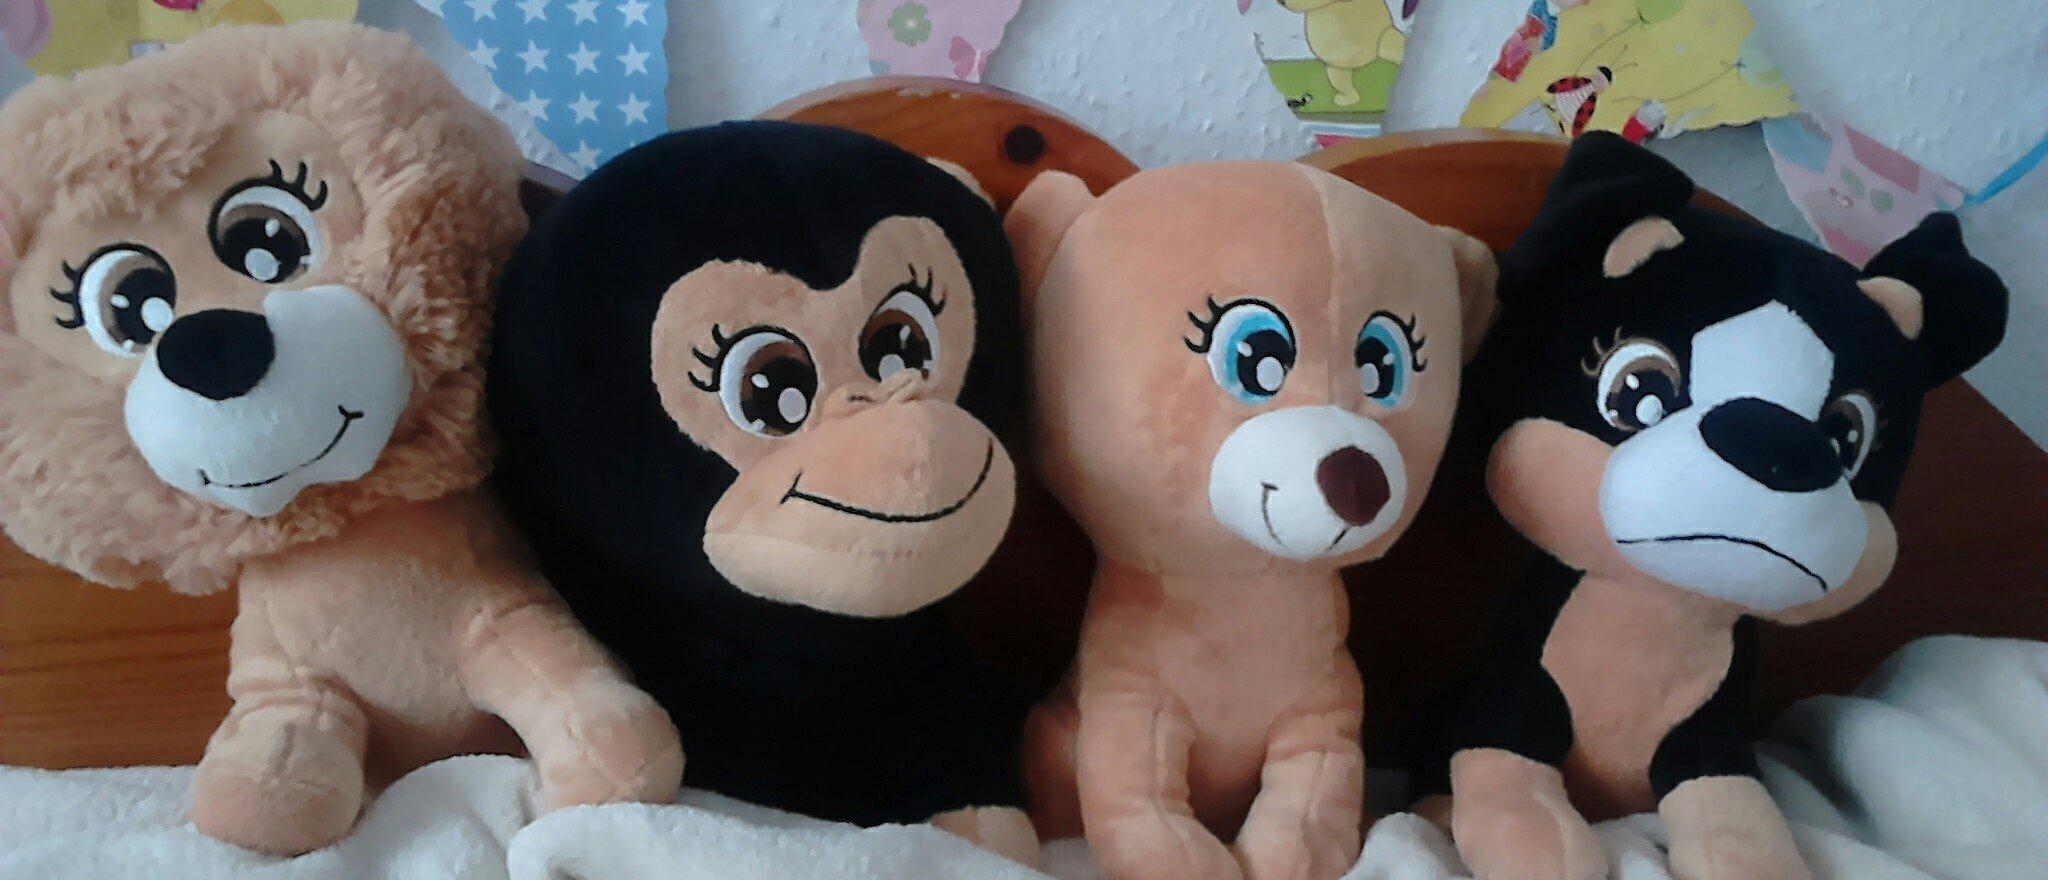 Bären Mutterkindraum-Büttgen e.V.